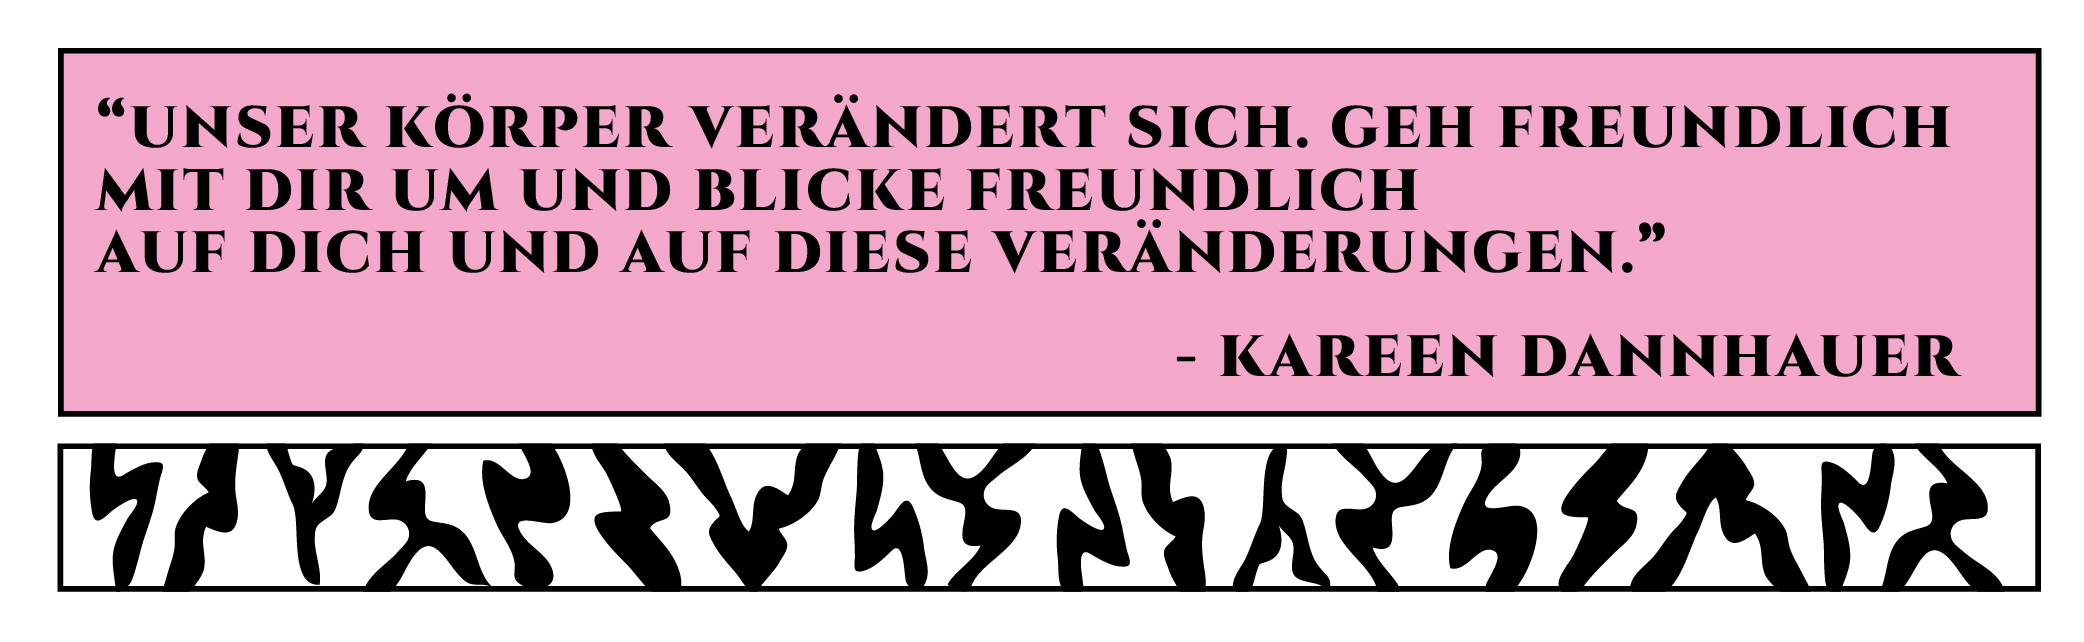 Zitat Kareen Dannhauer Körper verändern sich und das ist ok, sei freundlich mit dir